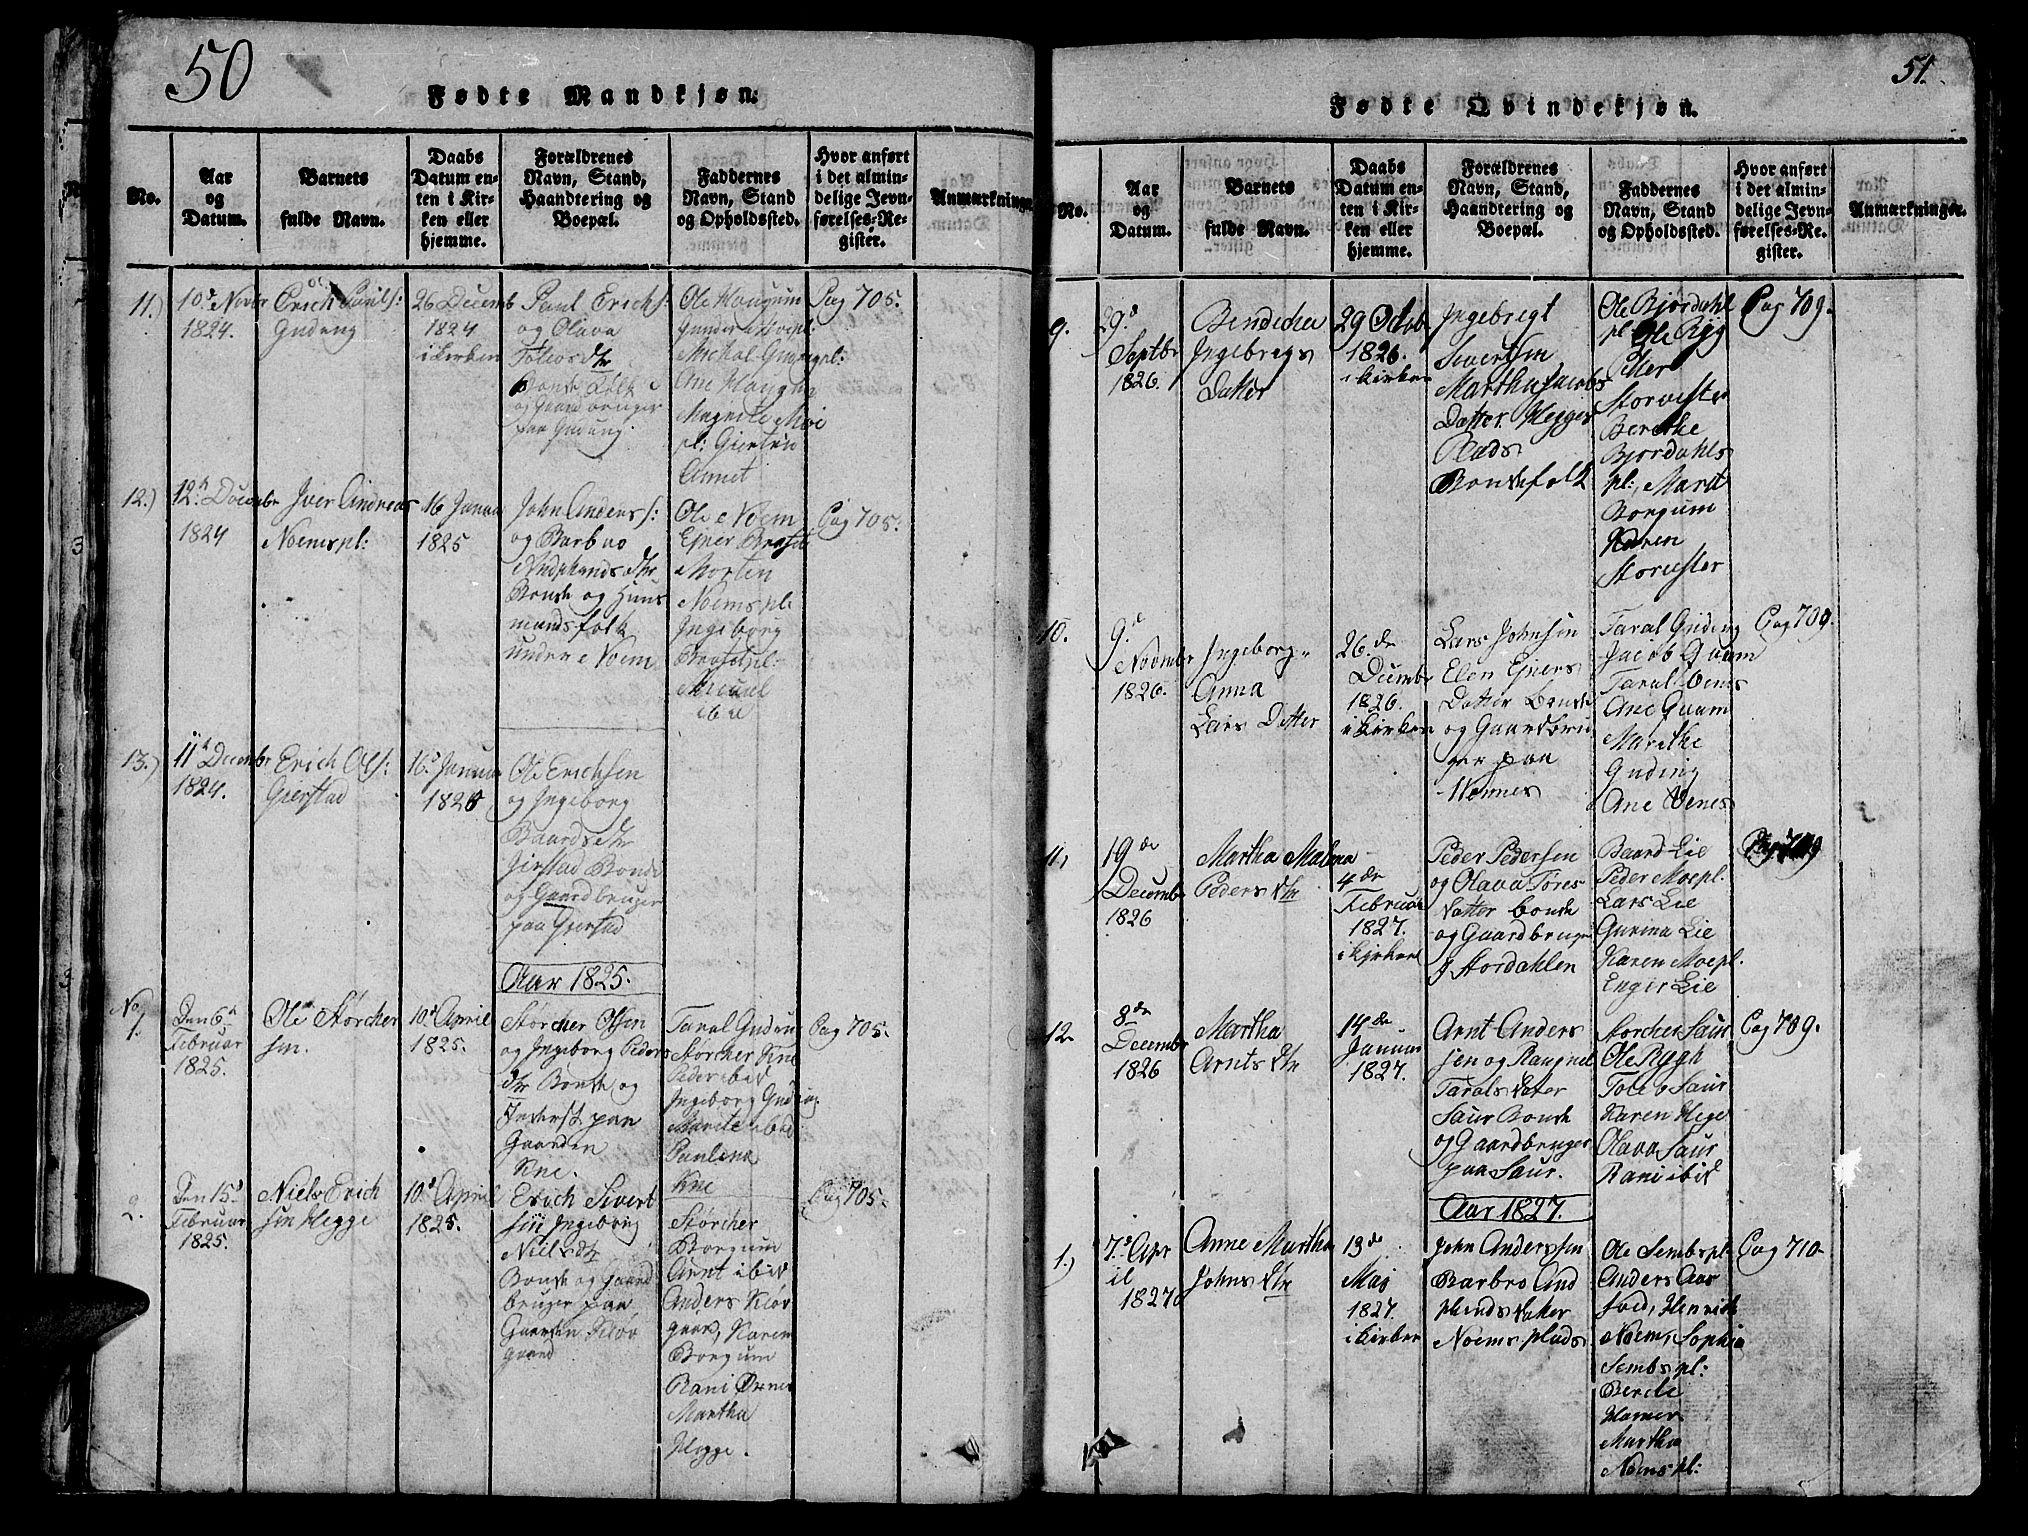 SAT, Ministerialprotokoller, klokkerbøker og fødselsregistre - Nord-Trøndelag, 747/L0459: Klokkerbok nr. 747C01, 1816-1842, s. 50-51